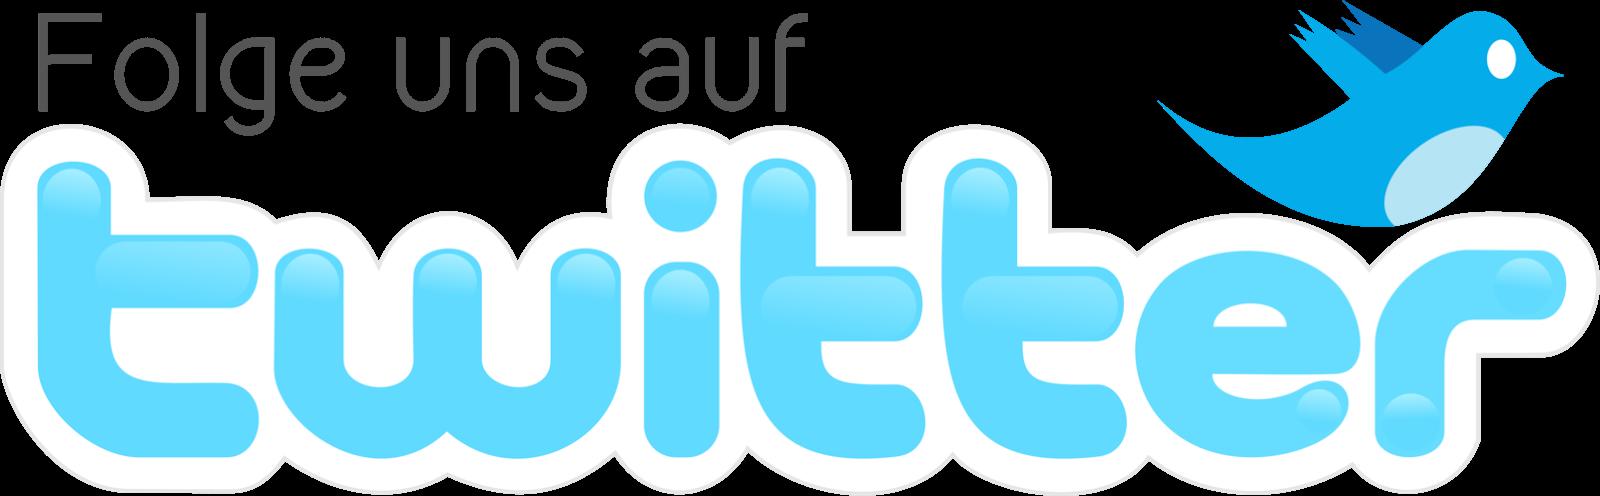 Freitum auf Twitter